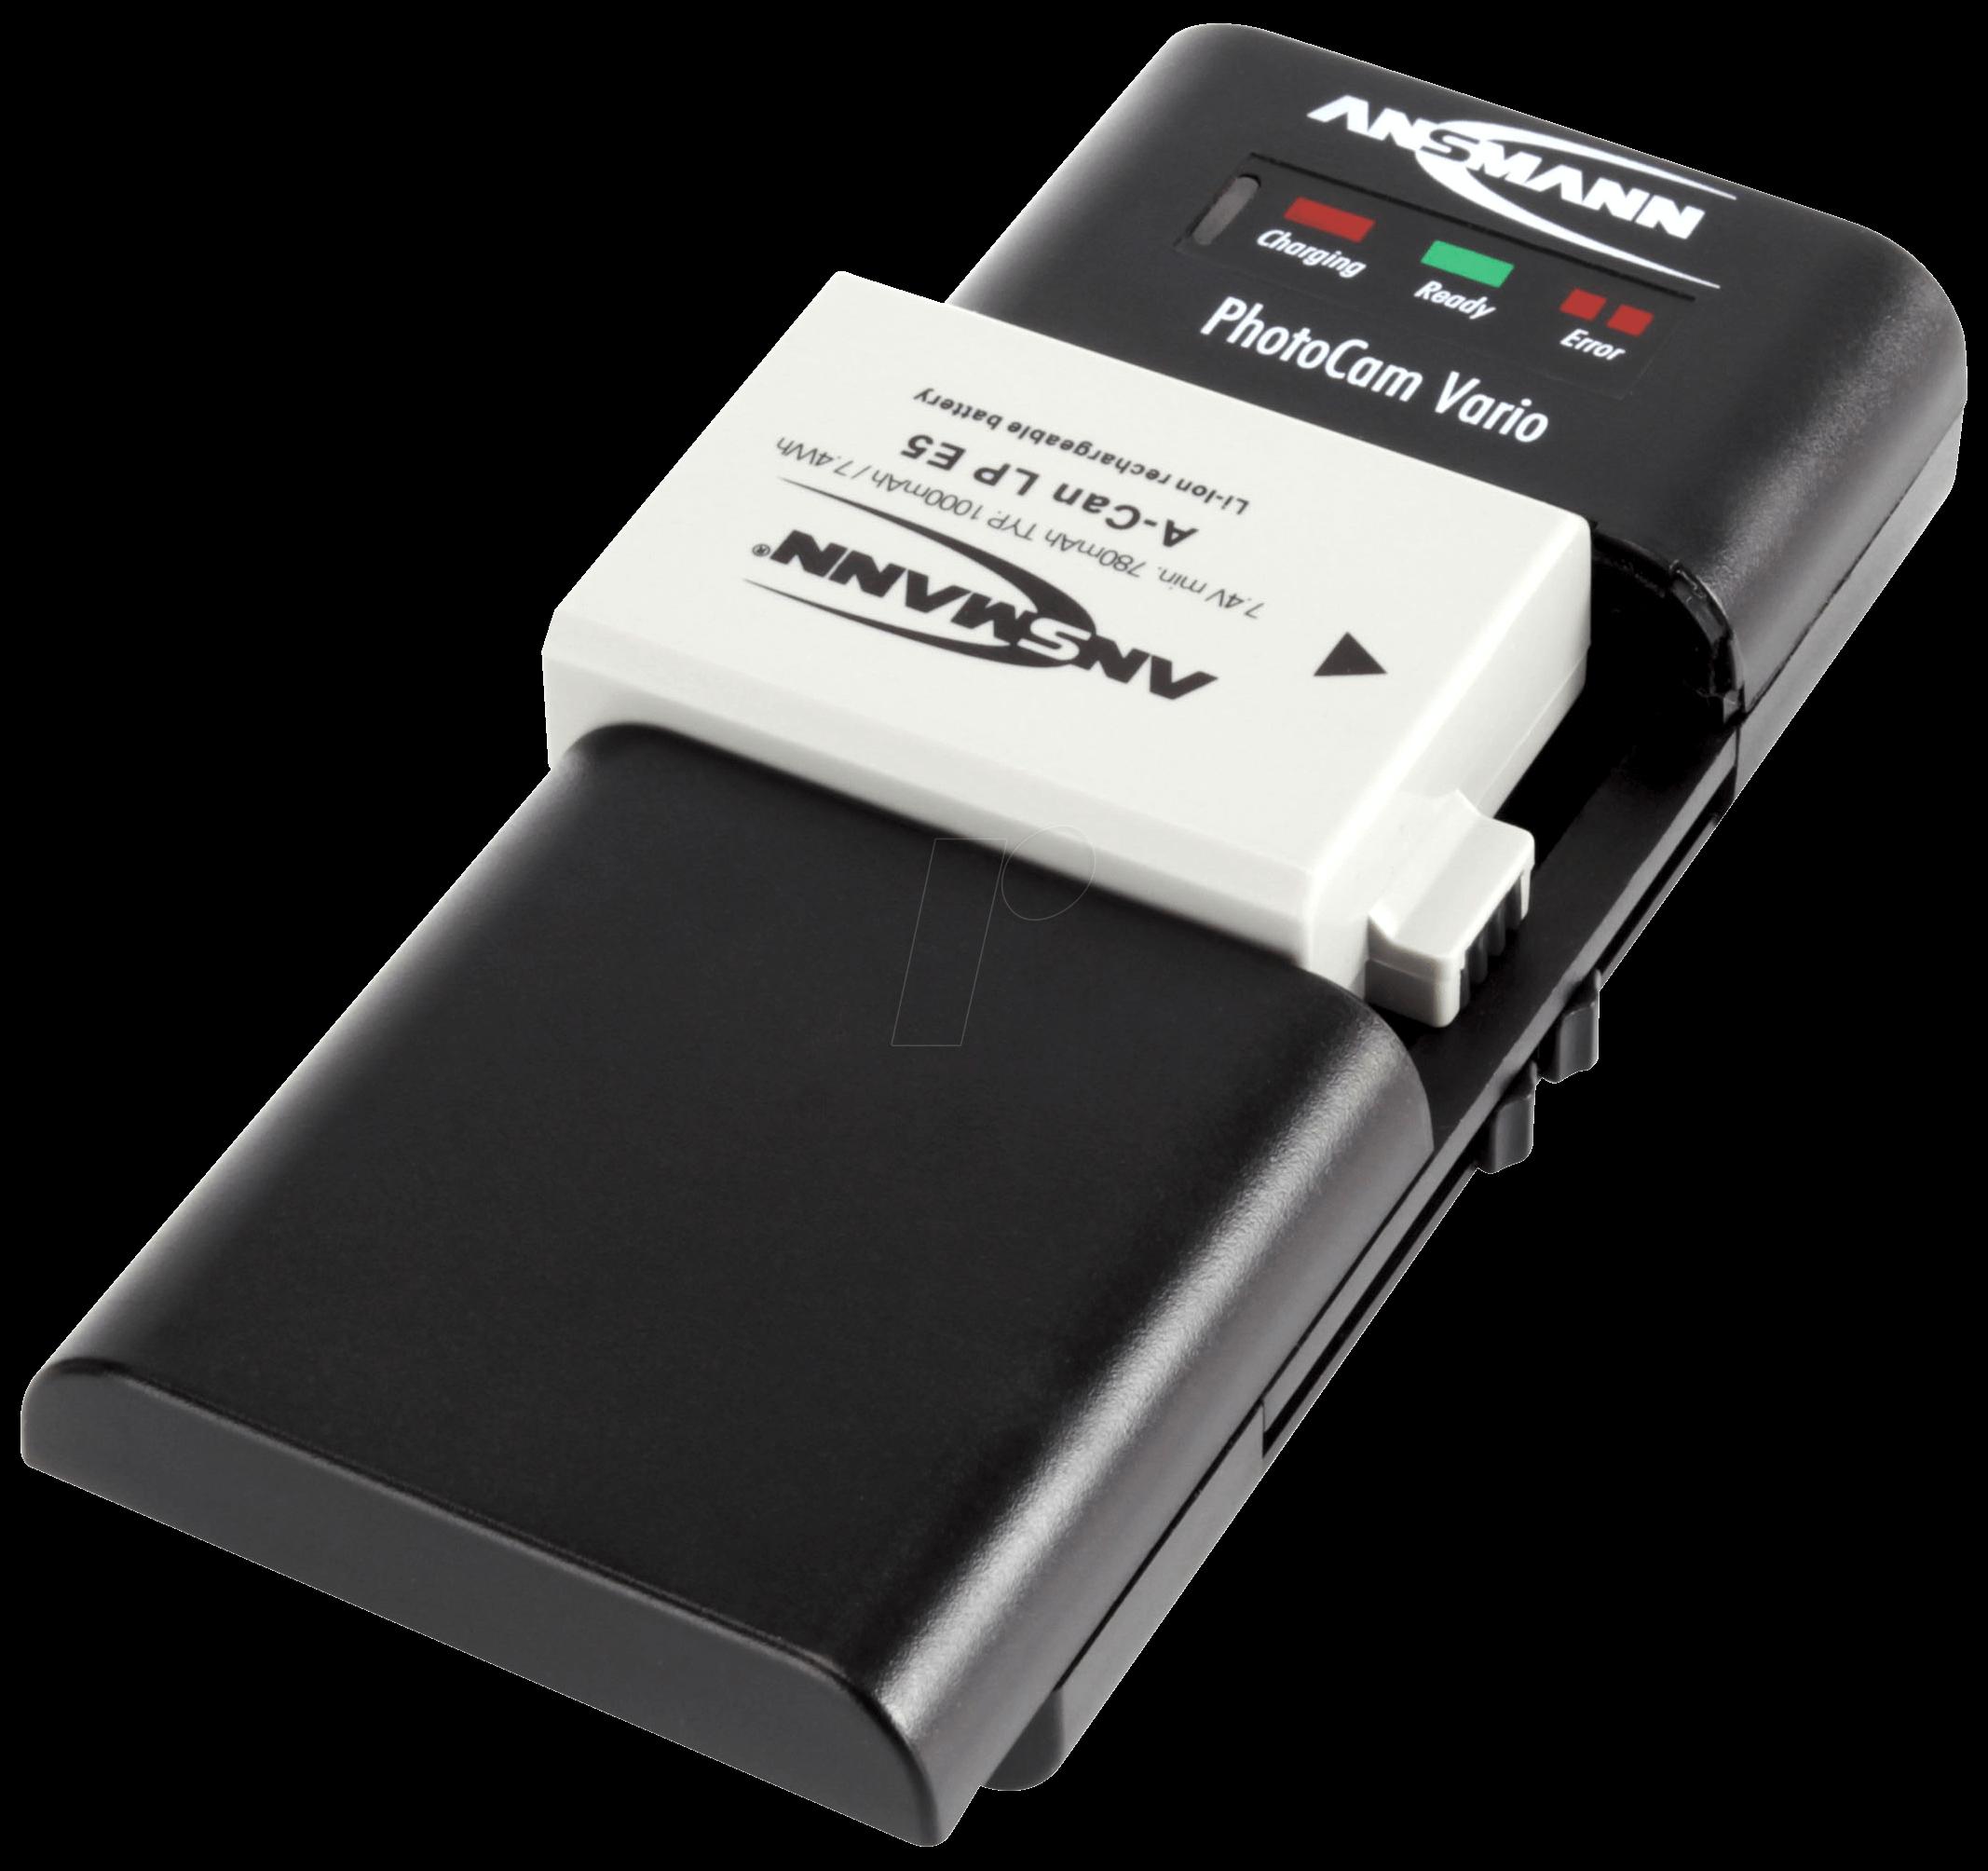 ANS 1001-0019 - Ladegerät PhotoCam Vario, für Akkupacks und Akkus